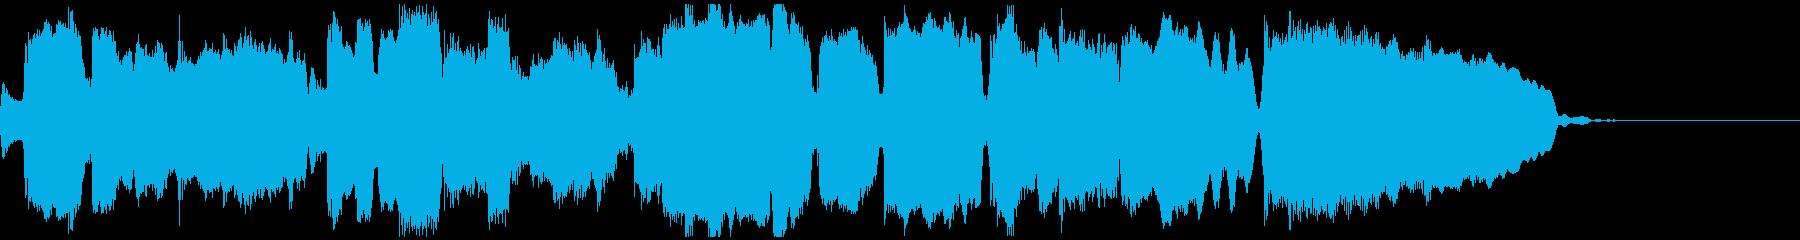 ソプラノサックスとギターのジングルの再生済みの波形